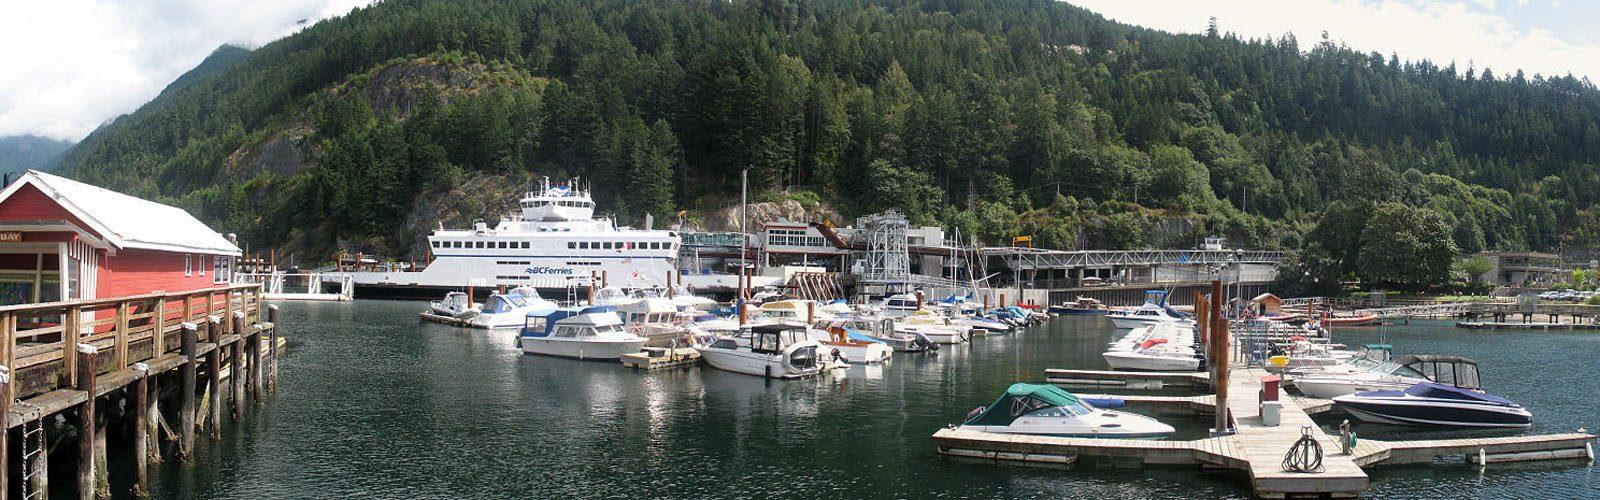 Vancouver - Horseshoe Bay Panorama - sliver (MarkRuthenberg)